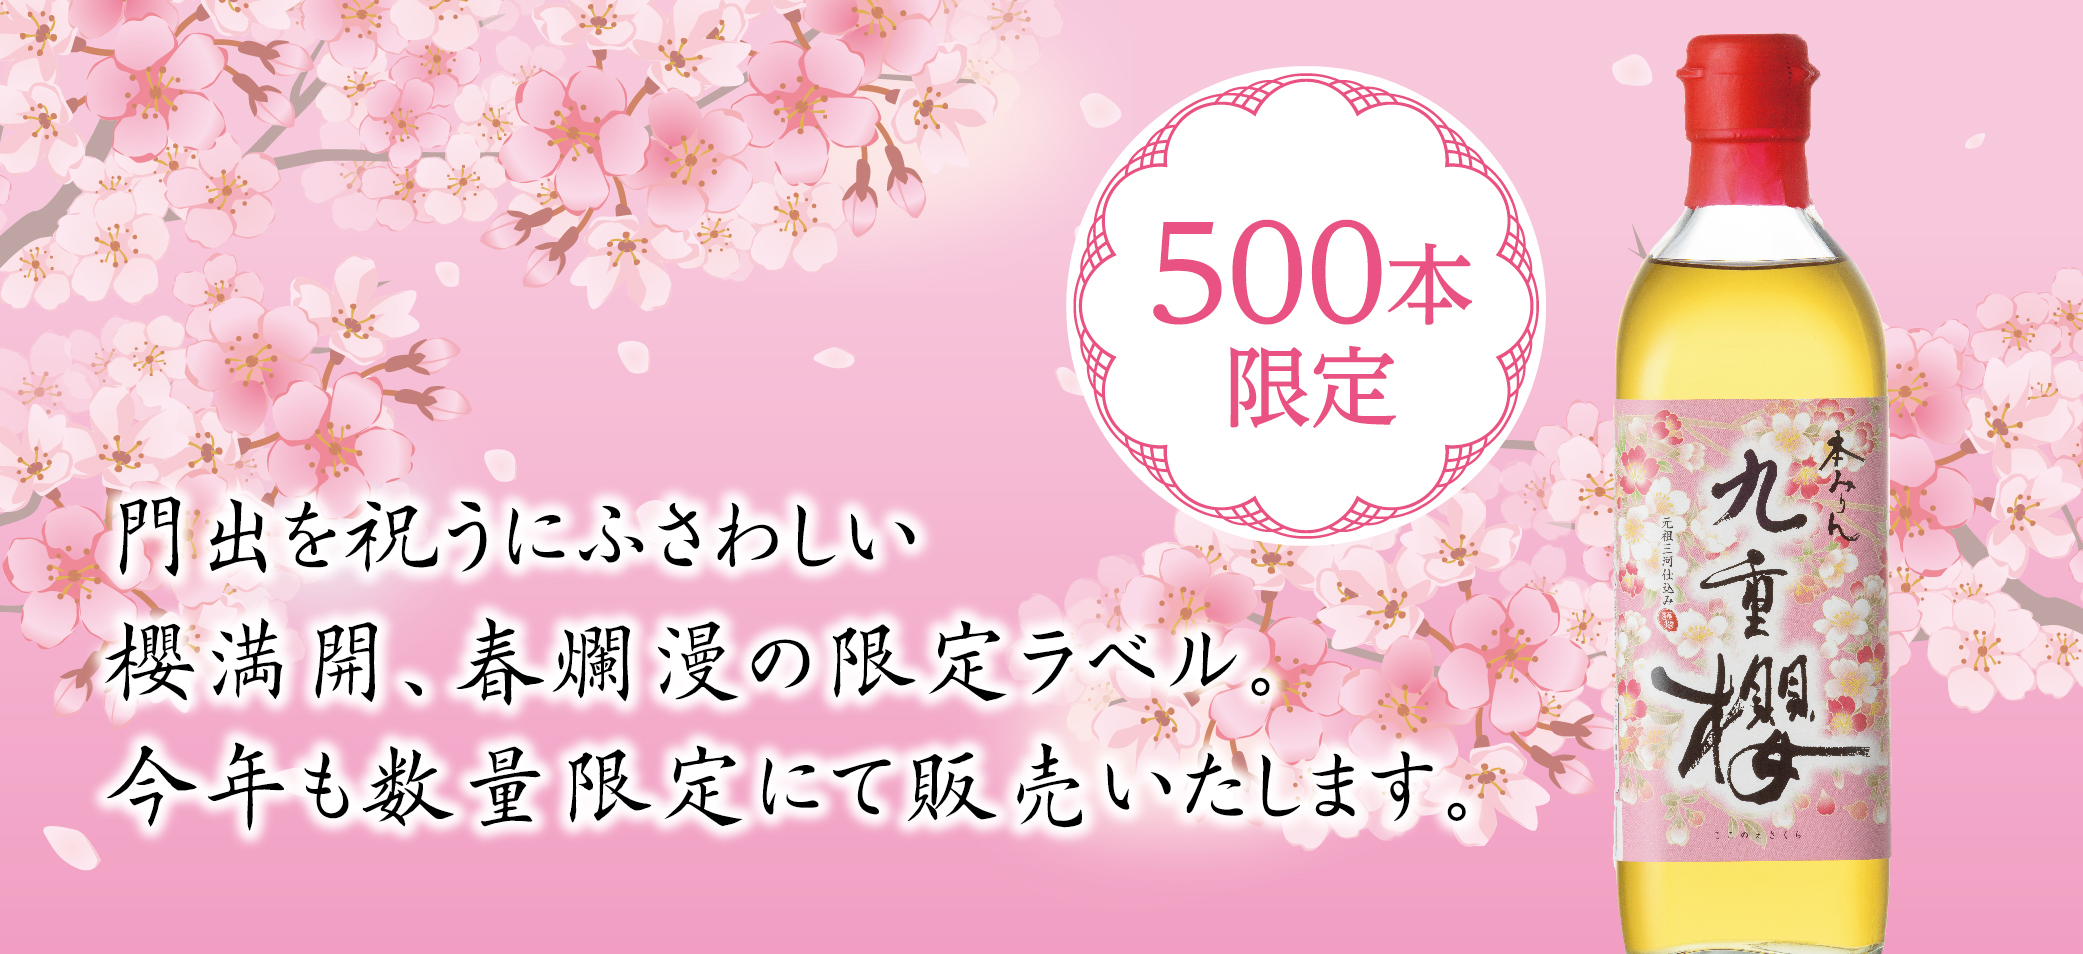 九重櫻 春爛漫ラベル